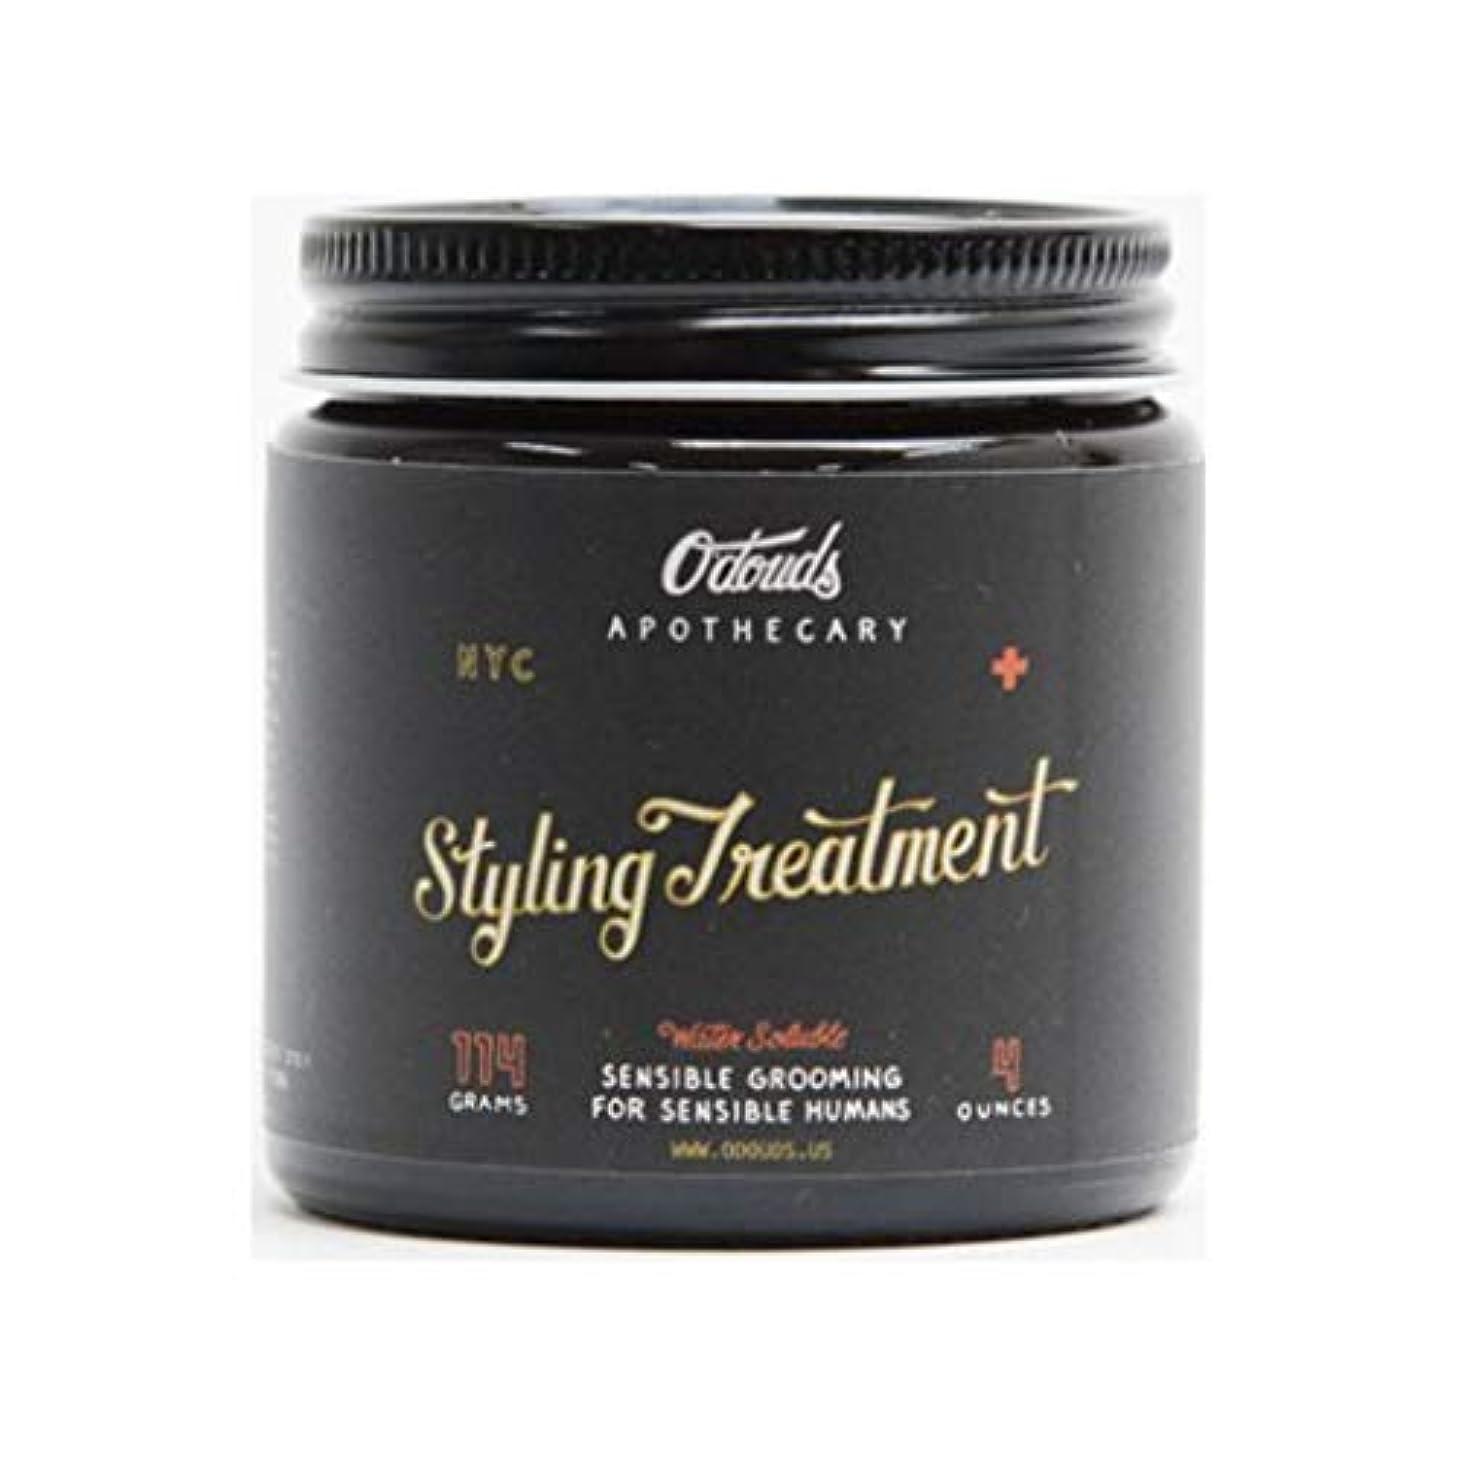 インスタント雪の行動O'Douds (オダウズ) スタイリングトリートメント STYLING TREATMENT メンズ 整髪料 水性 ポマード ヘアクリーム ヘアオイル ヘアグリース ヘアワックス ナチュラルシャイン ライトホールド ヴィーガン